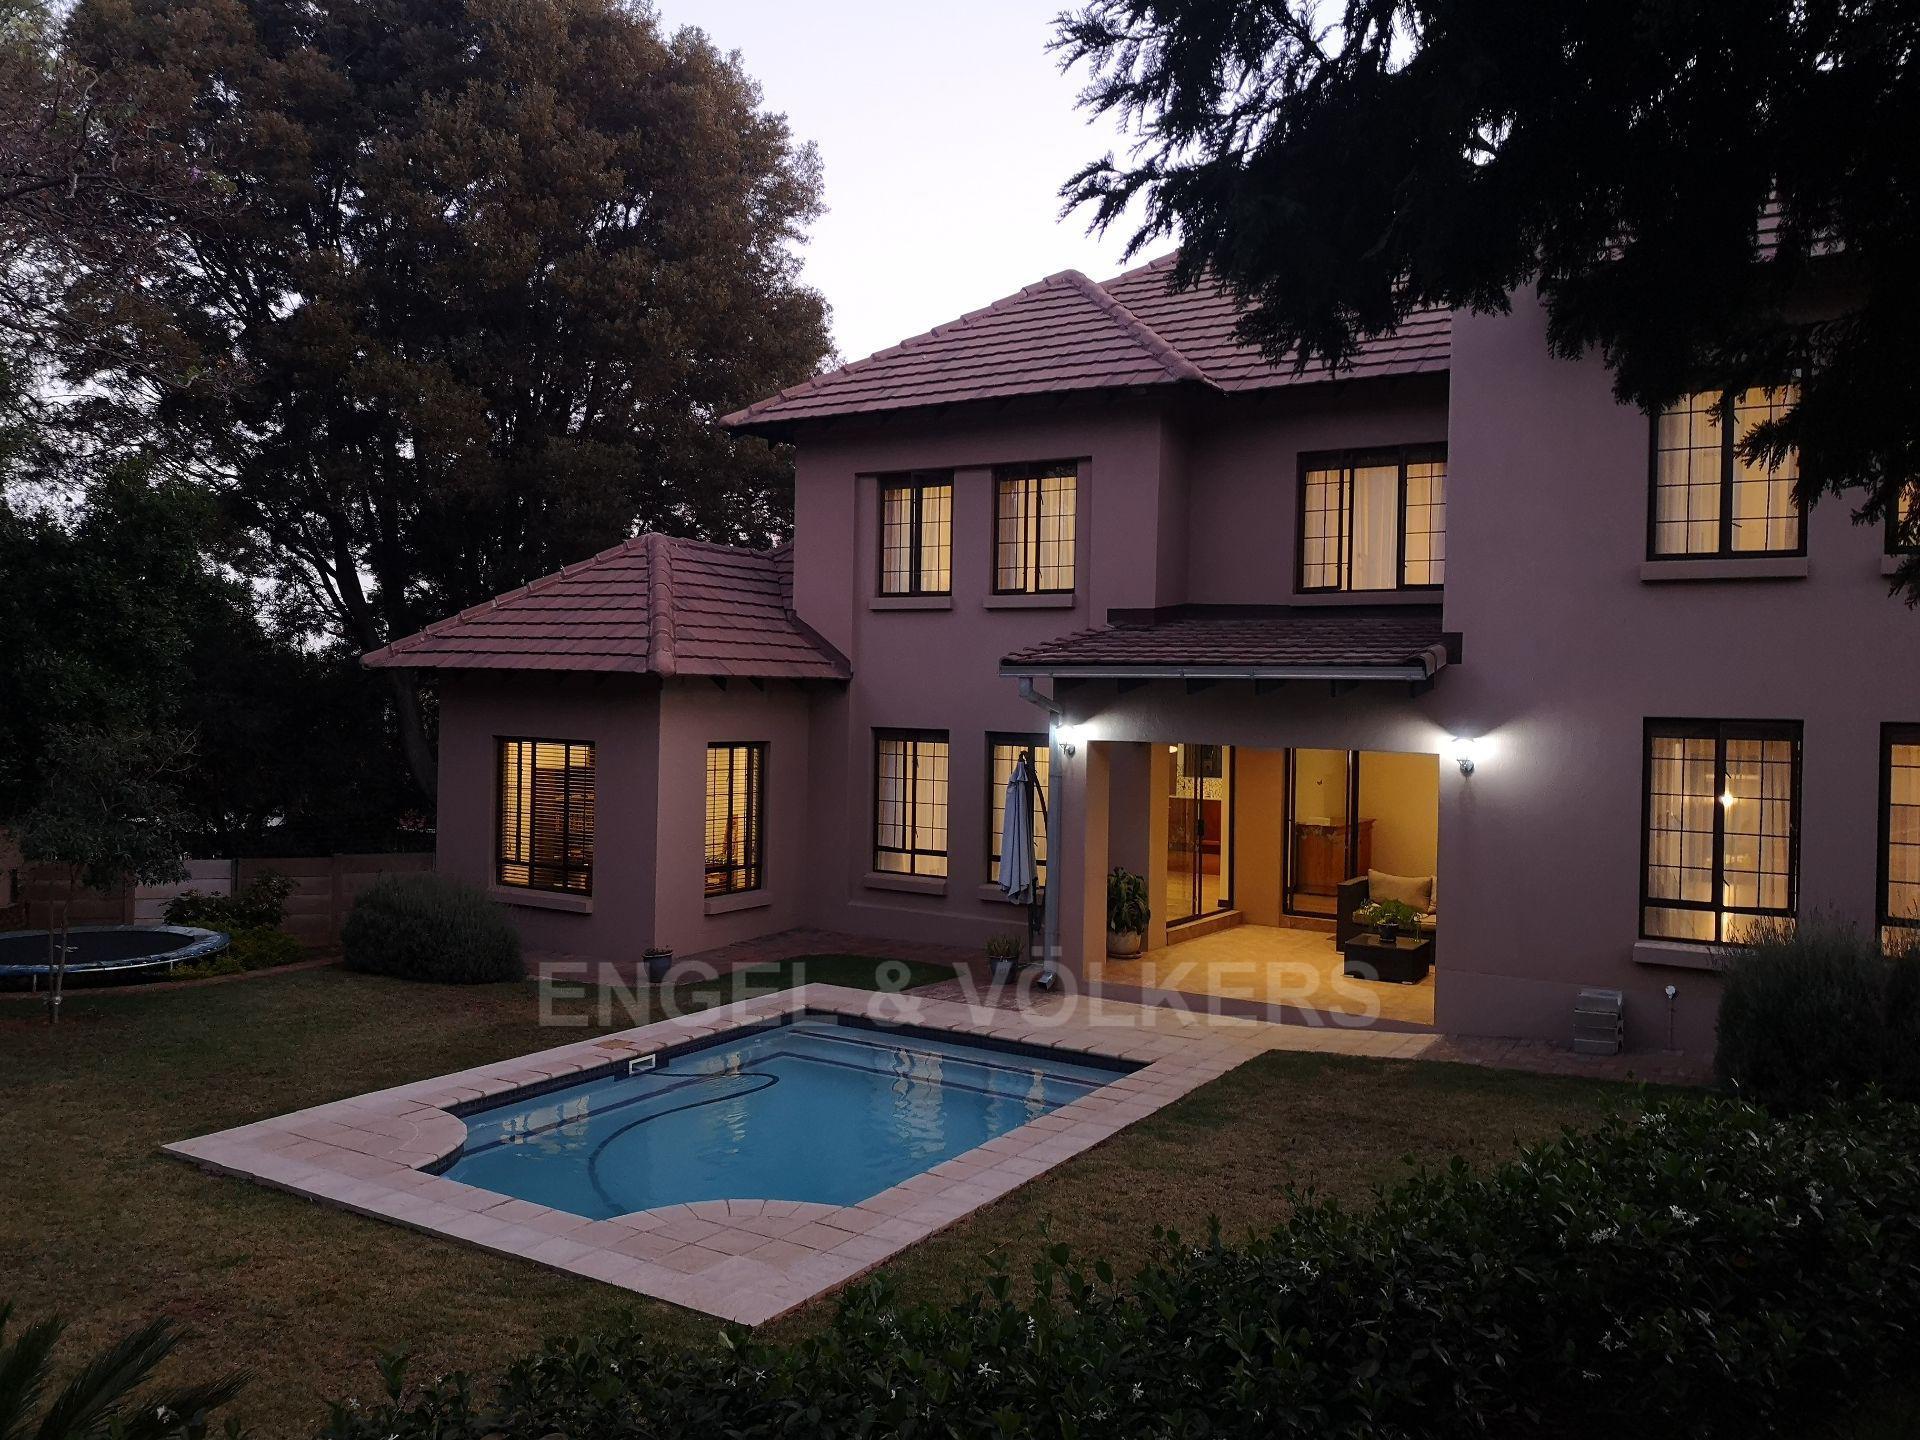 Pretoria, Constantia Park Property  | Houses For Sale Constantia Park, CONSTANTIA PARK, House 4 bedrooms property for sale Price:3,050,000